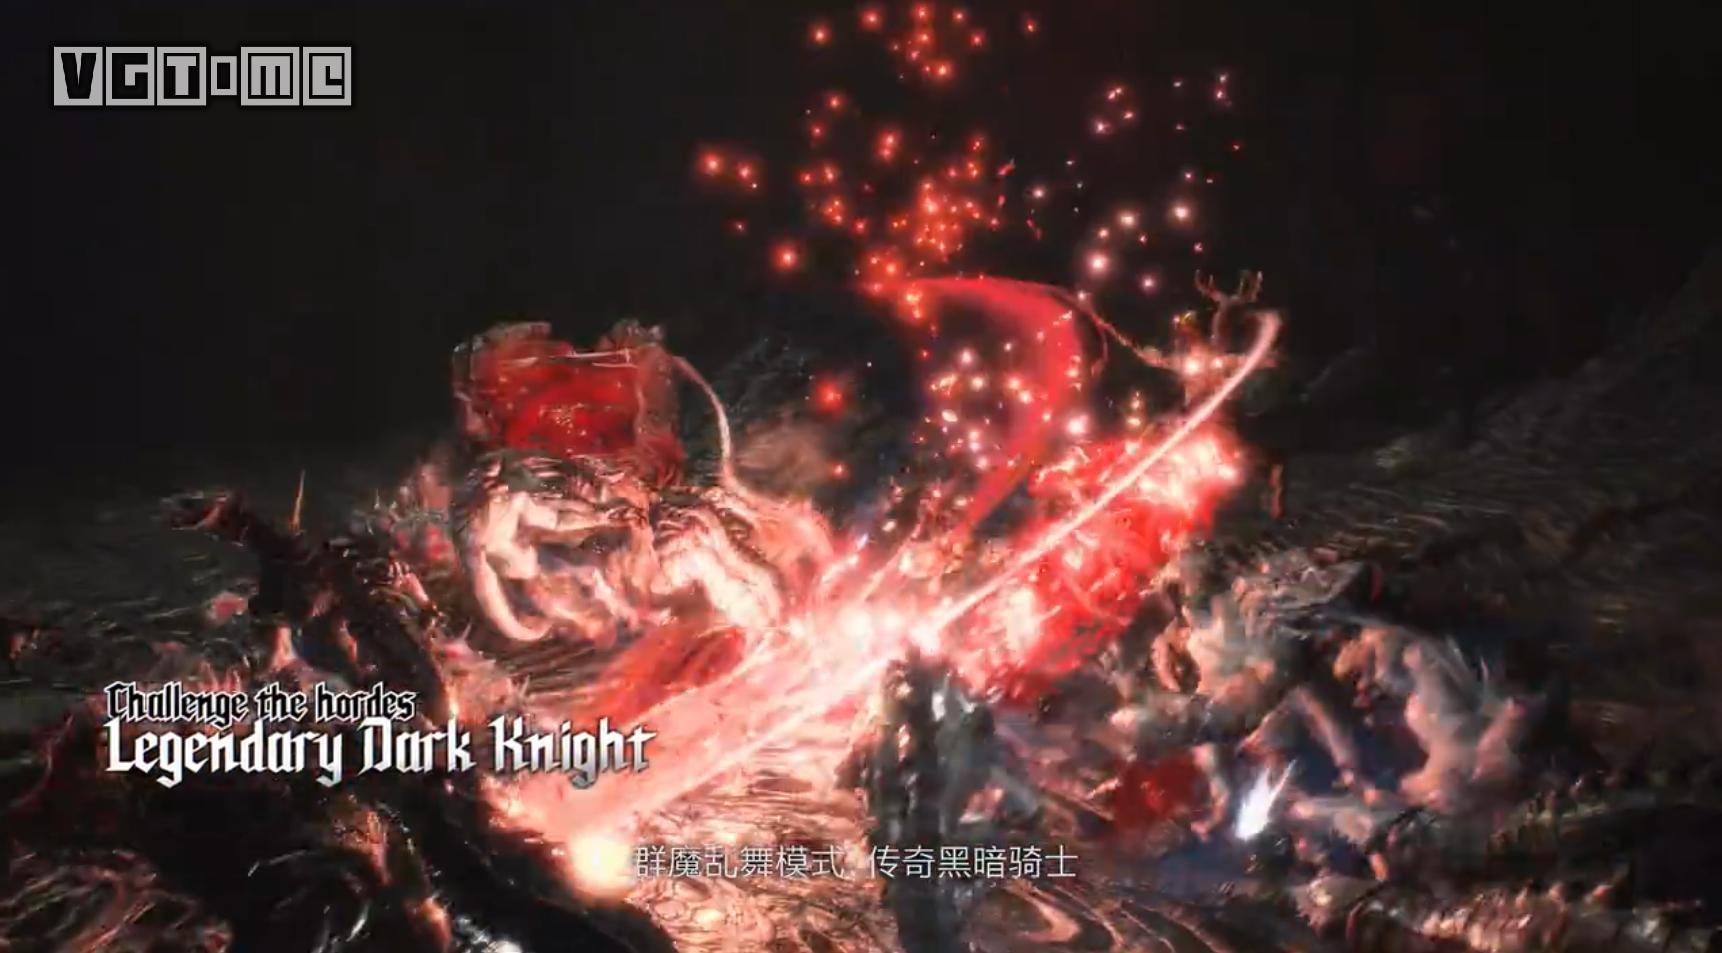 《鬼泣5特别版》公布,老大哥维吉尔加入战斗